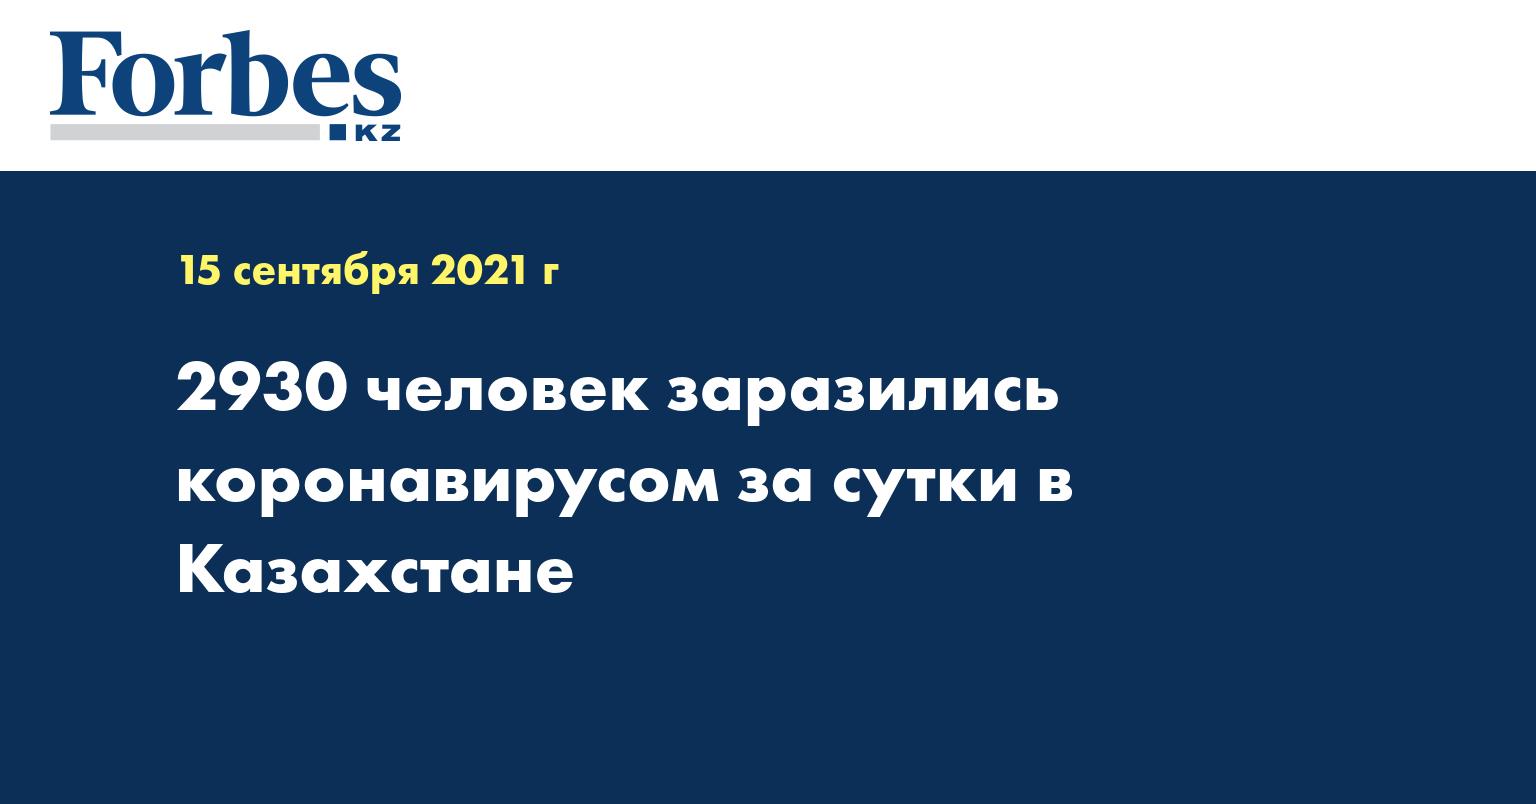 2930 человек заразились коронавирусом за сутки в Казахстане